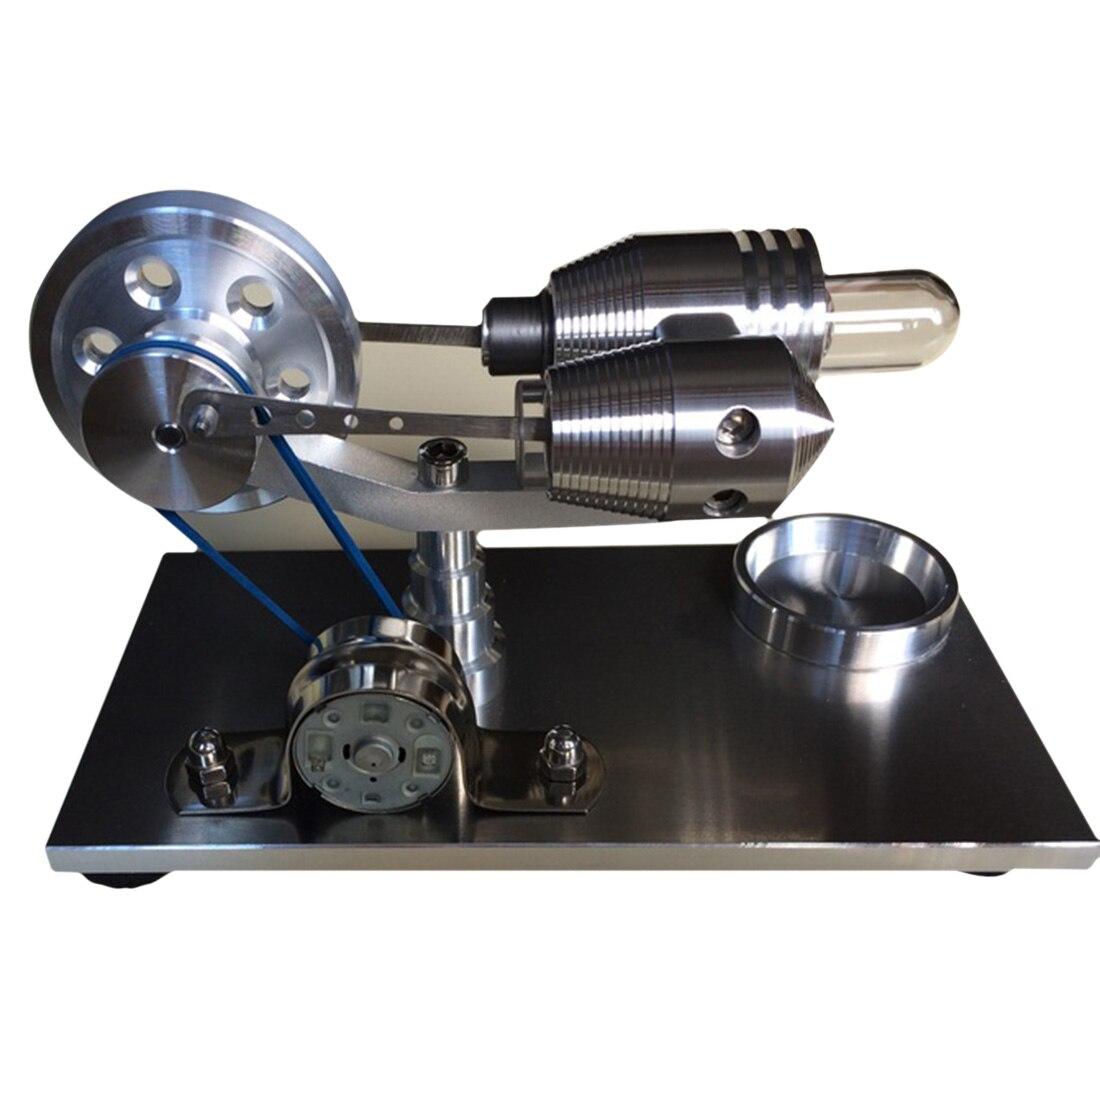 Equilibrio Stirling Esterno STELO A Vapore Motore A Combustione Maggiore Educazione Modello FAI DA TE GiocattoliEquilibrio Stirling Esterno STELO A Vapore Motore A Combustione Maggiore Educazione Modello FAI DA TE Giocattoli